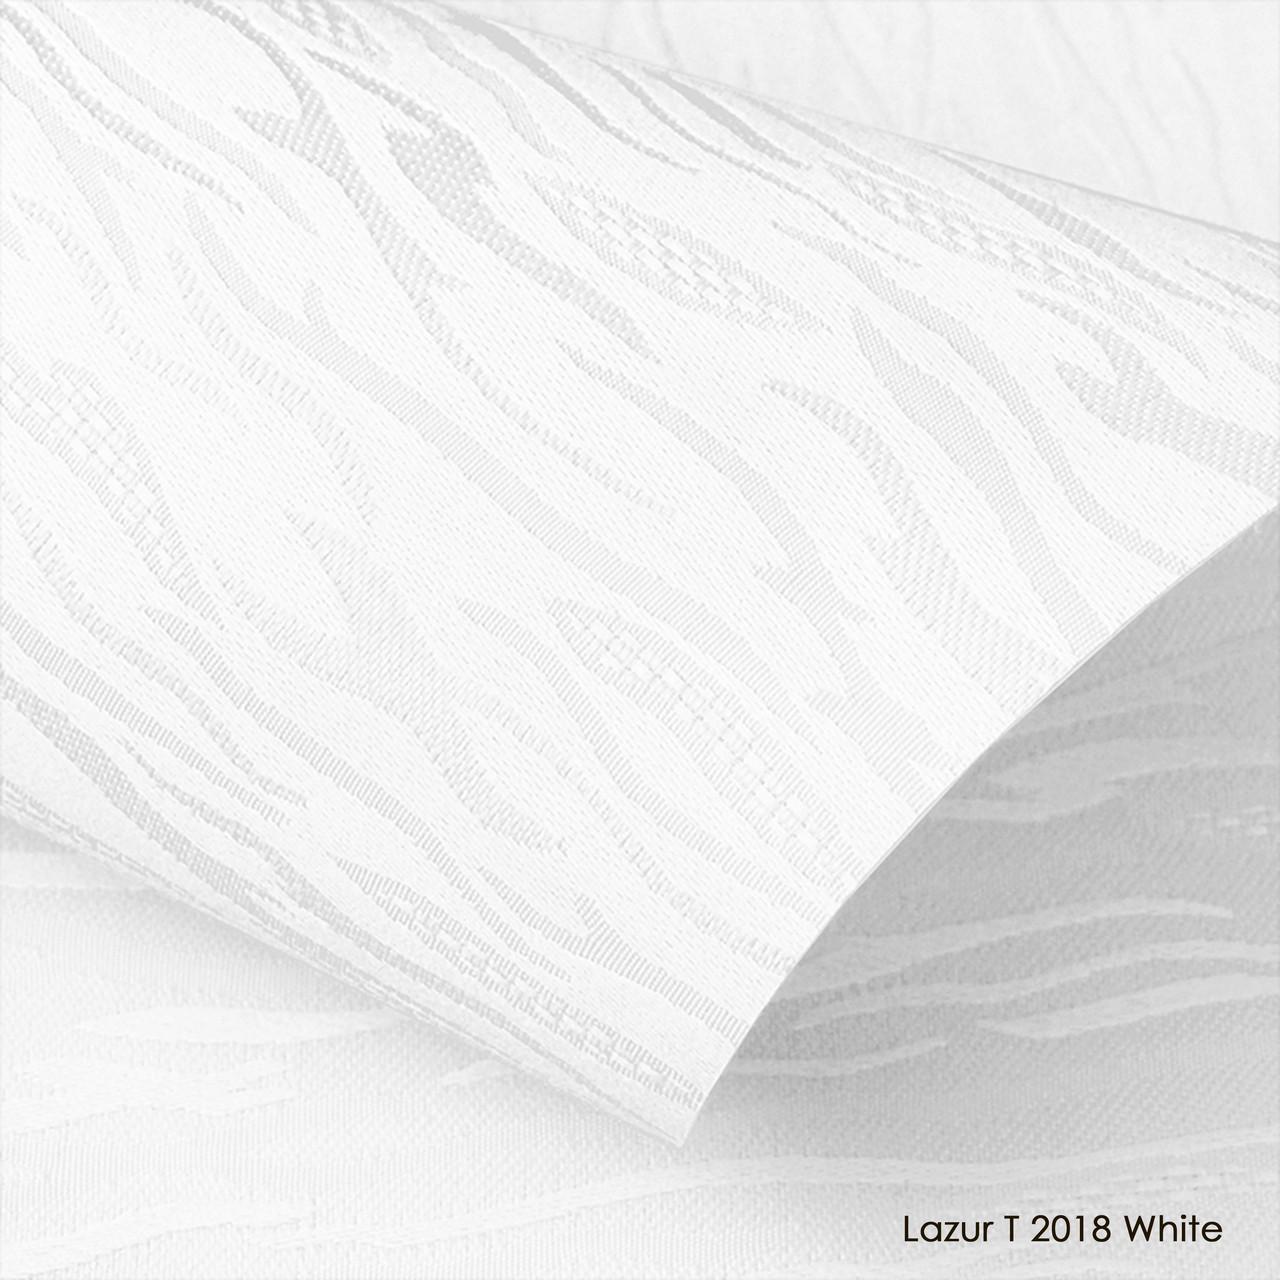 Lazur T 2018 White